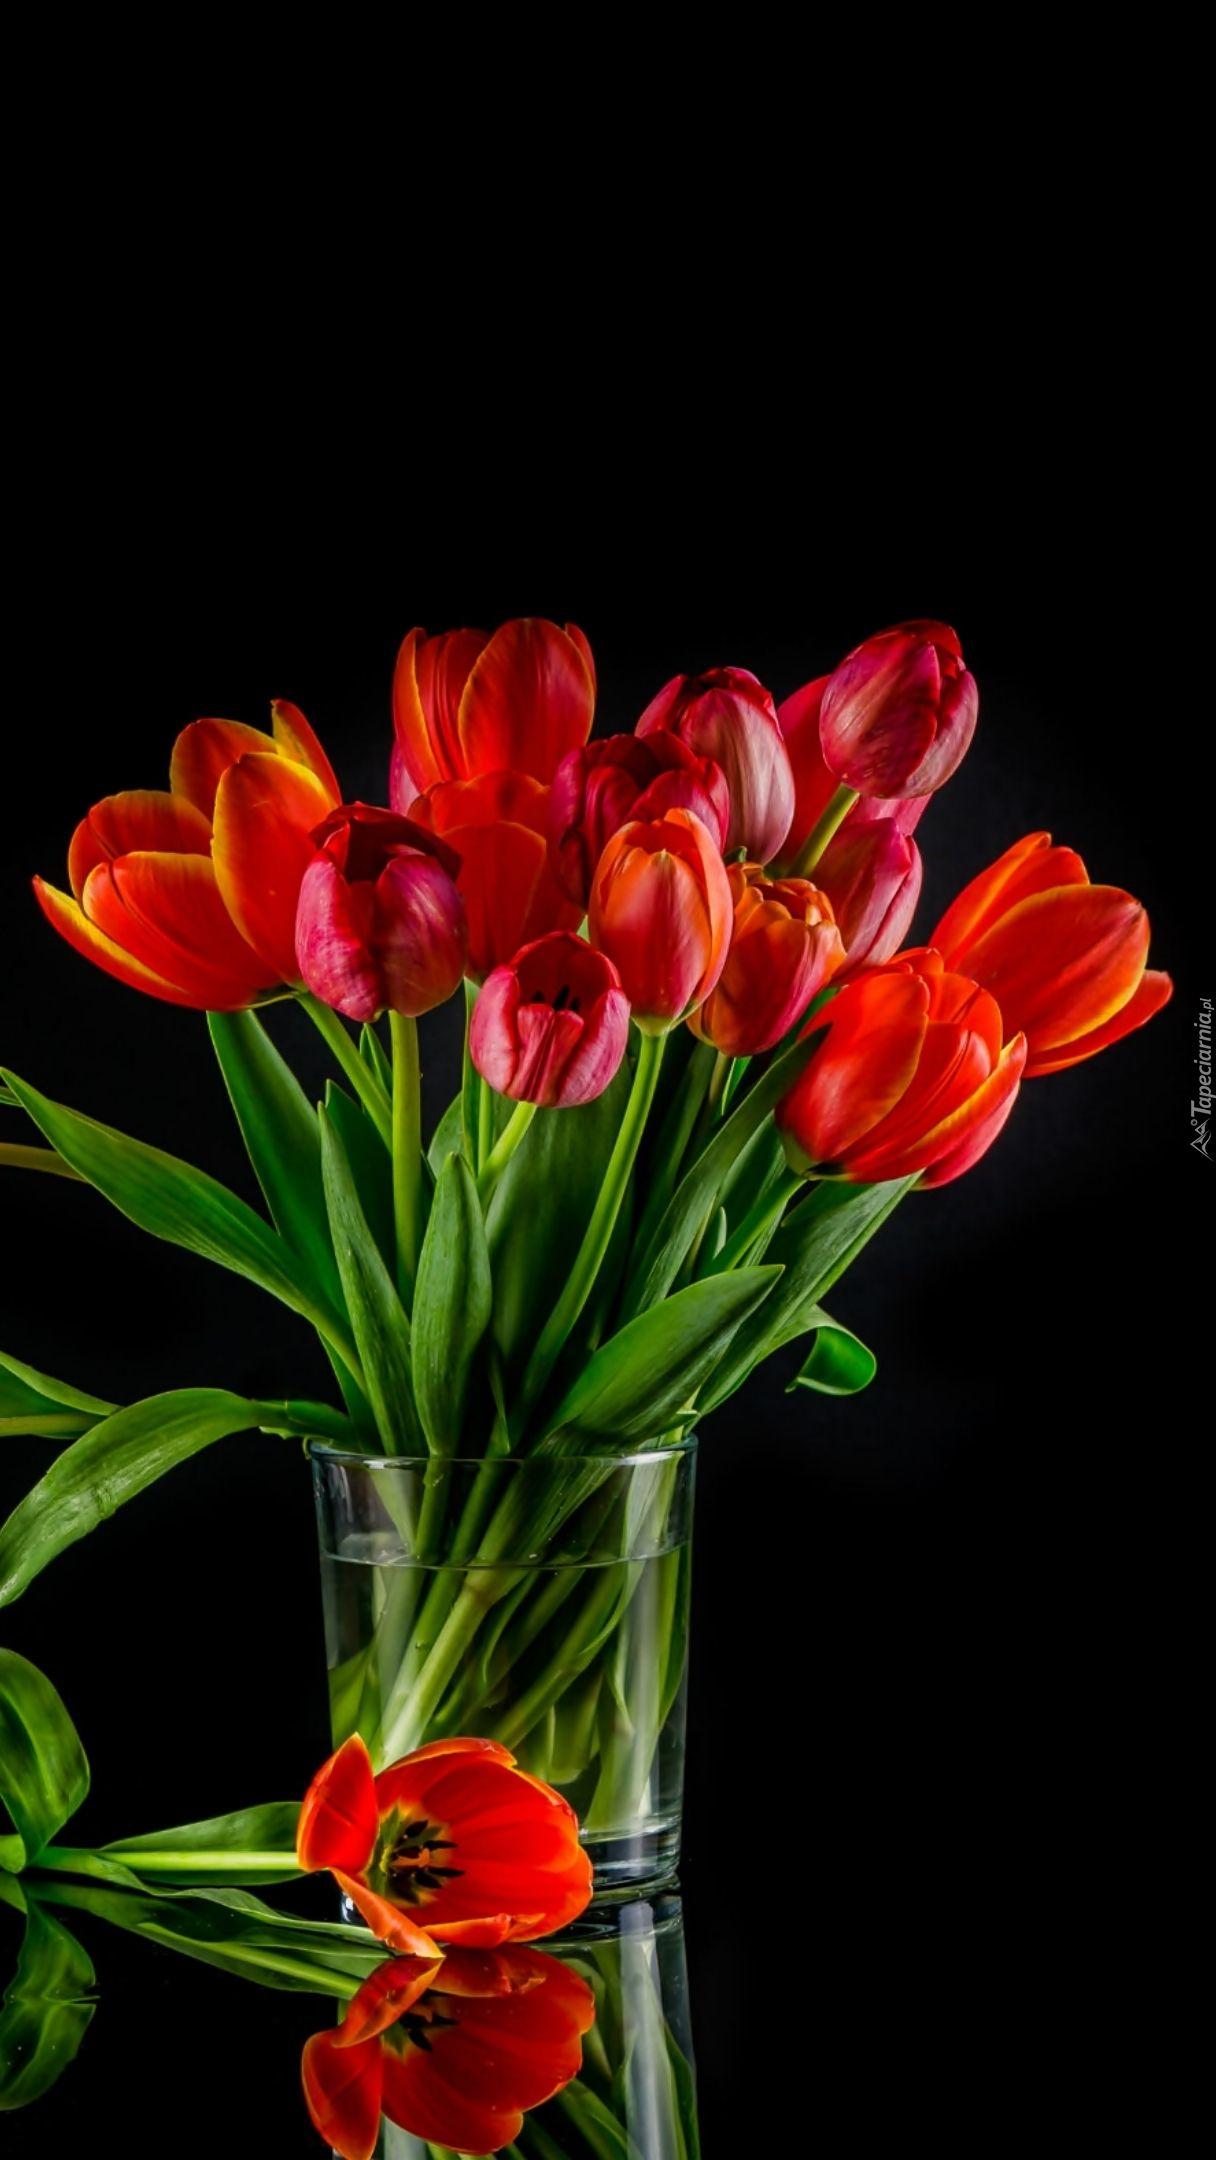 Bukiet Czerwonych Tulipanow Tapeta Na Telefon Plants Wallpaper